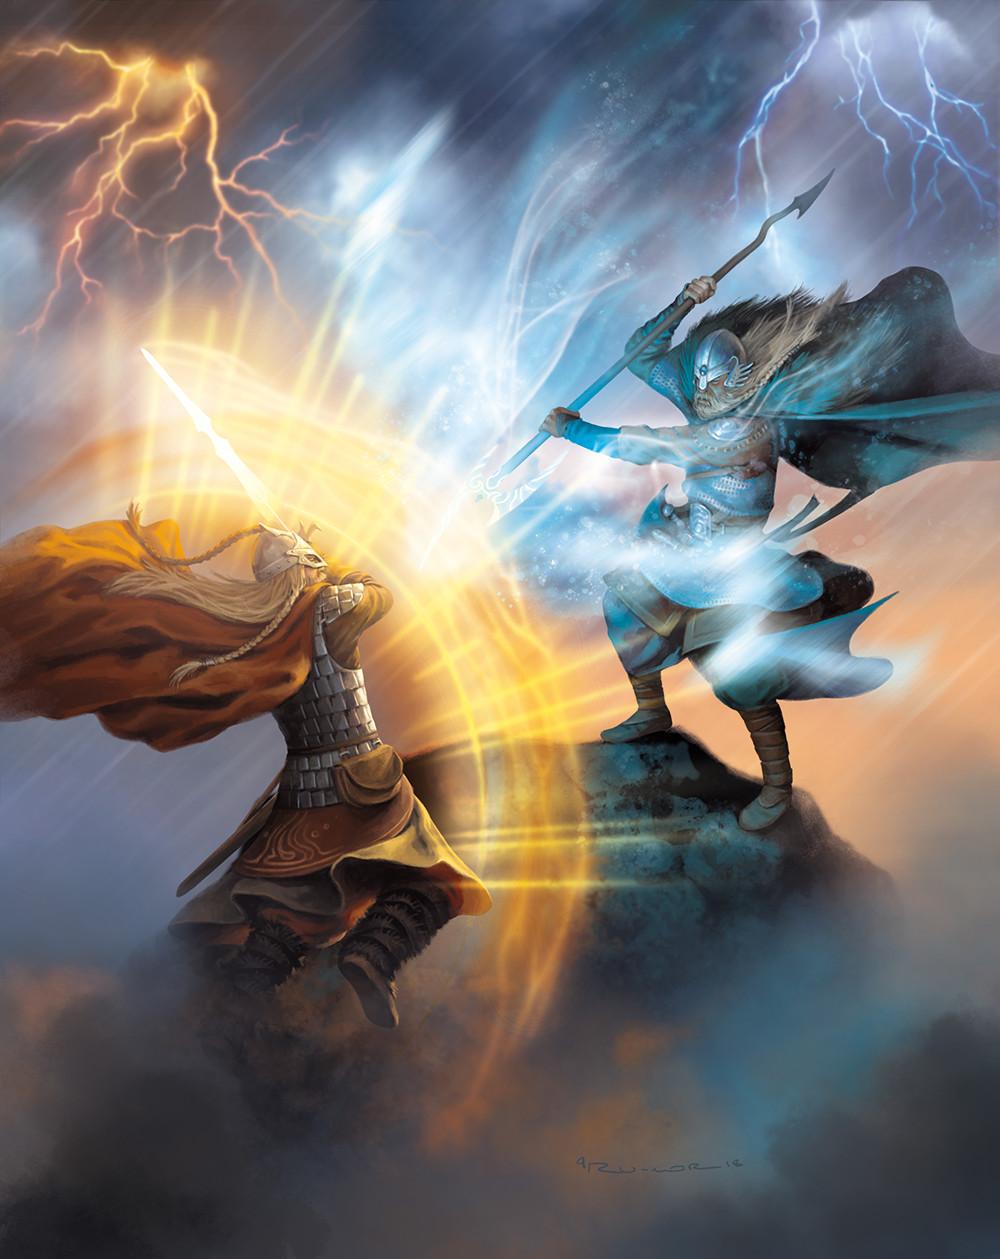 Ragnarok Art Work by Osprey Games